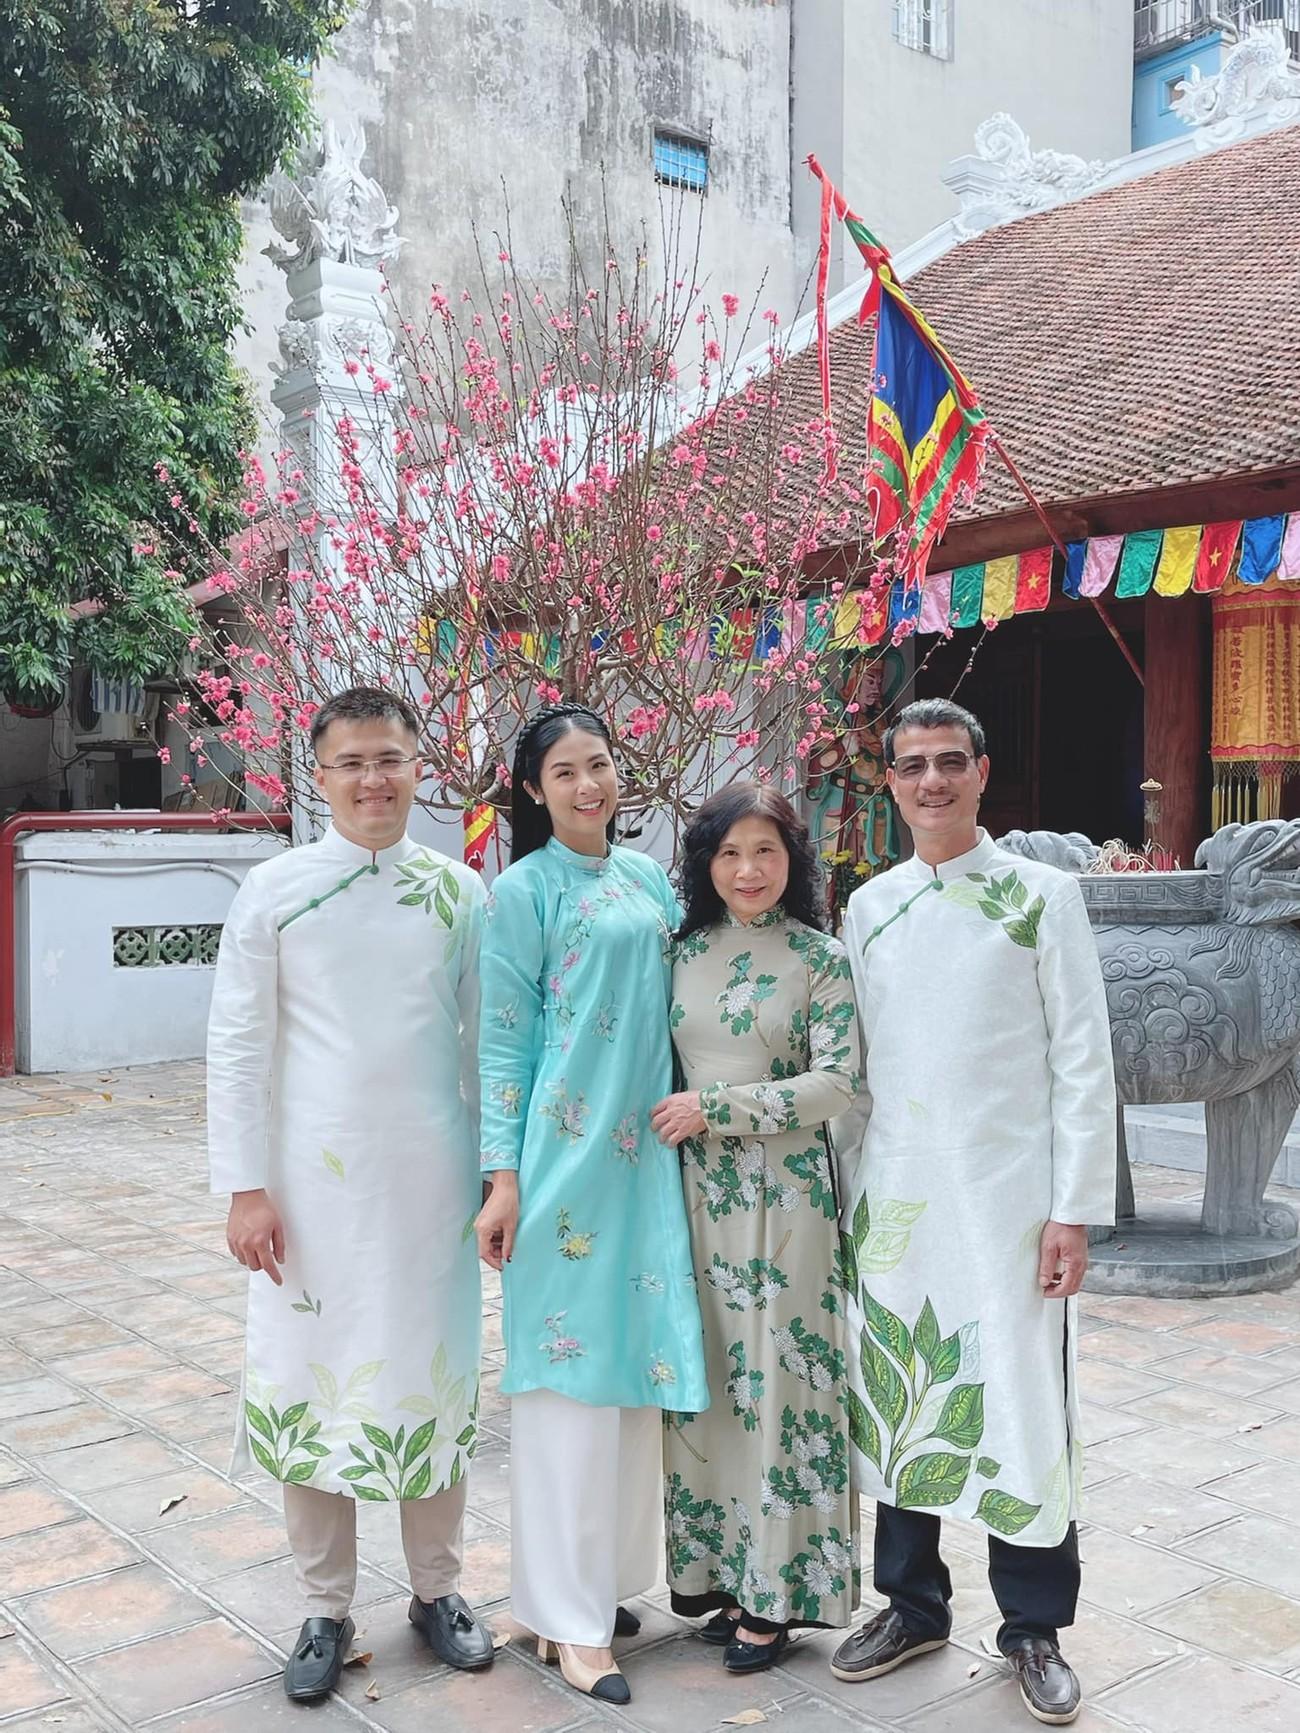 Hoa hậu Tiểu Vy khoe ảnh mẹ diện áo dài ngày mùng 1 Tết, fans trầm trồ vì nhan sắc trẻ đẹp ảnh 7